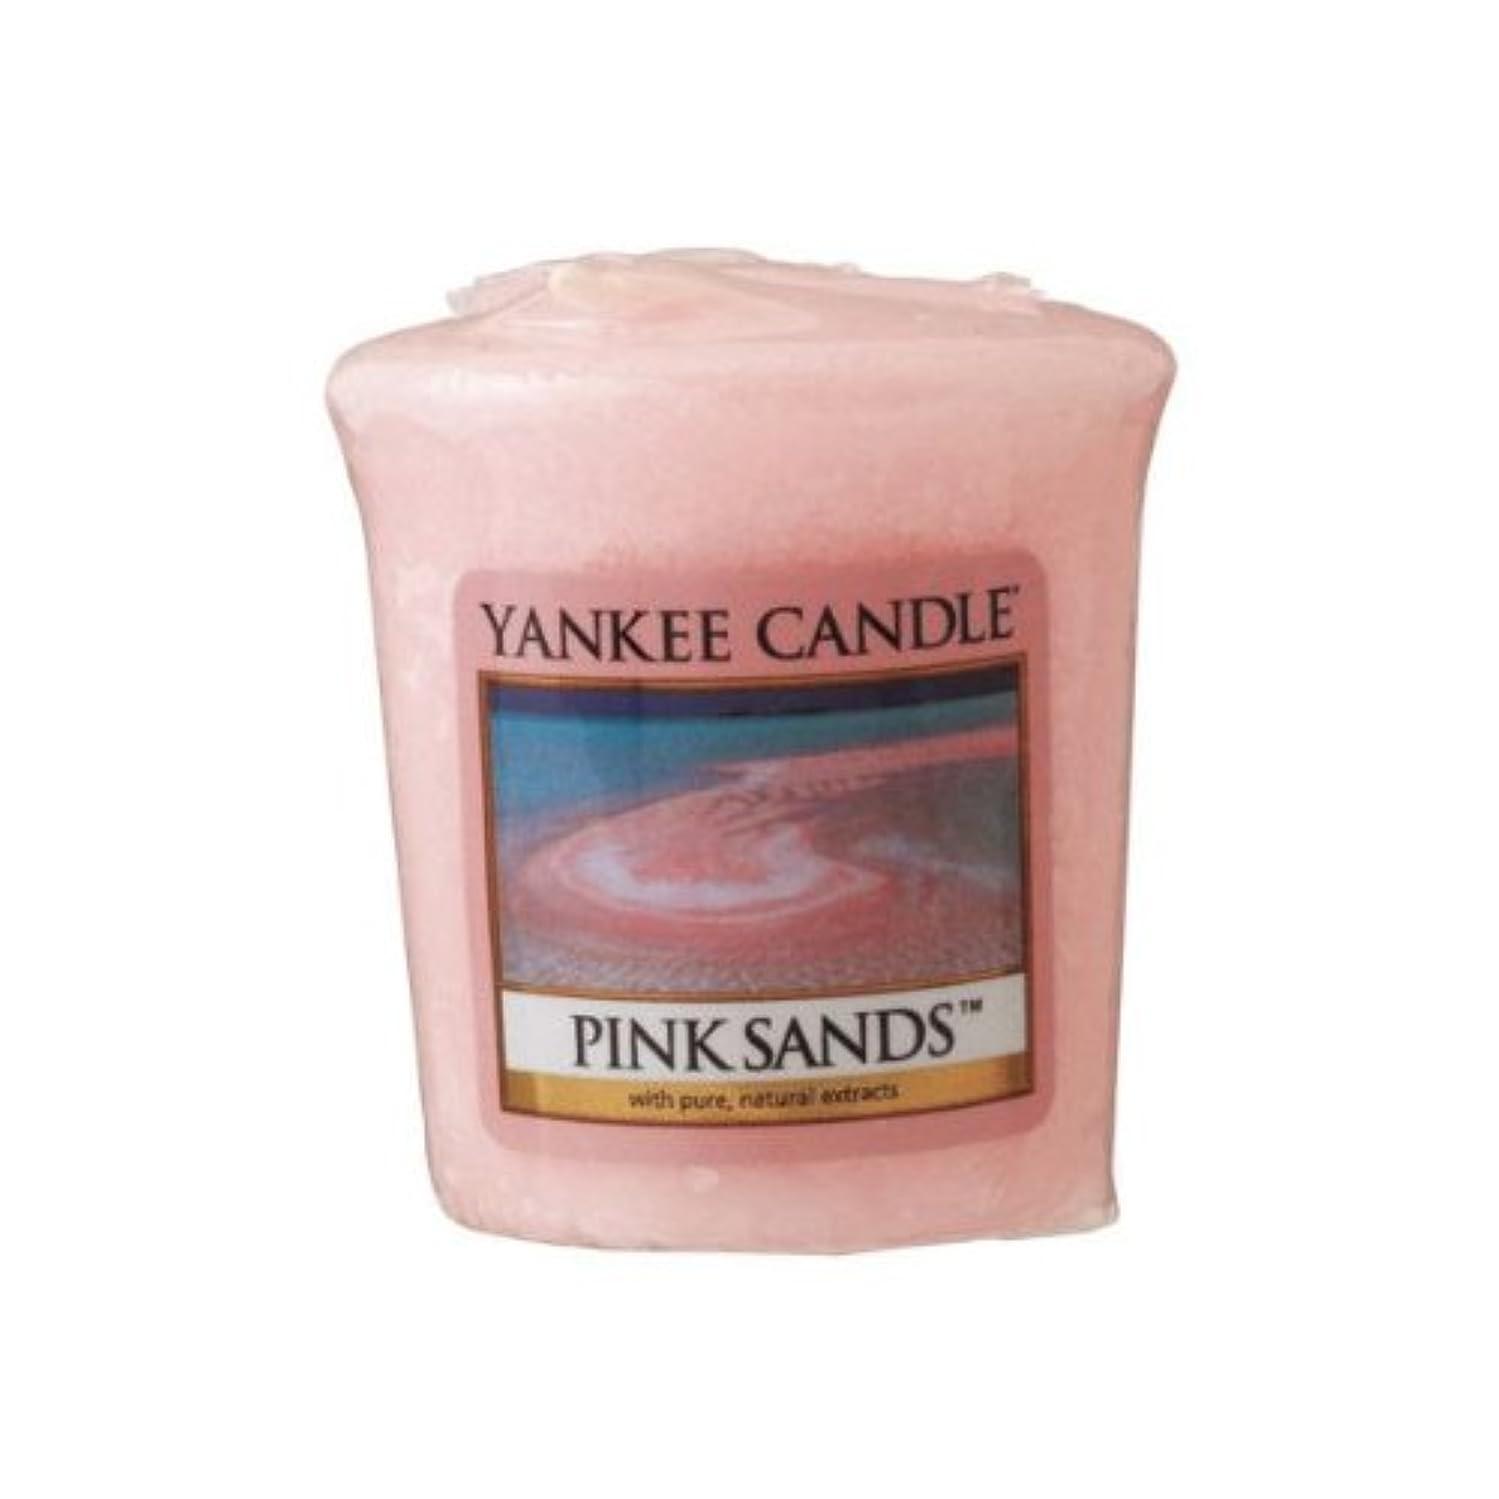 ことわざ請願者心配YANKEE CANDLE(ヤンキーキャンドル) サンプラー ピンクサンド